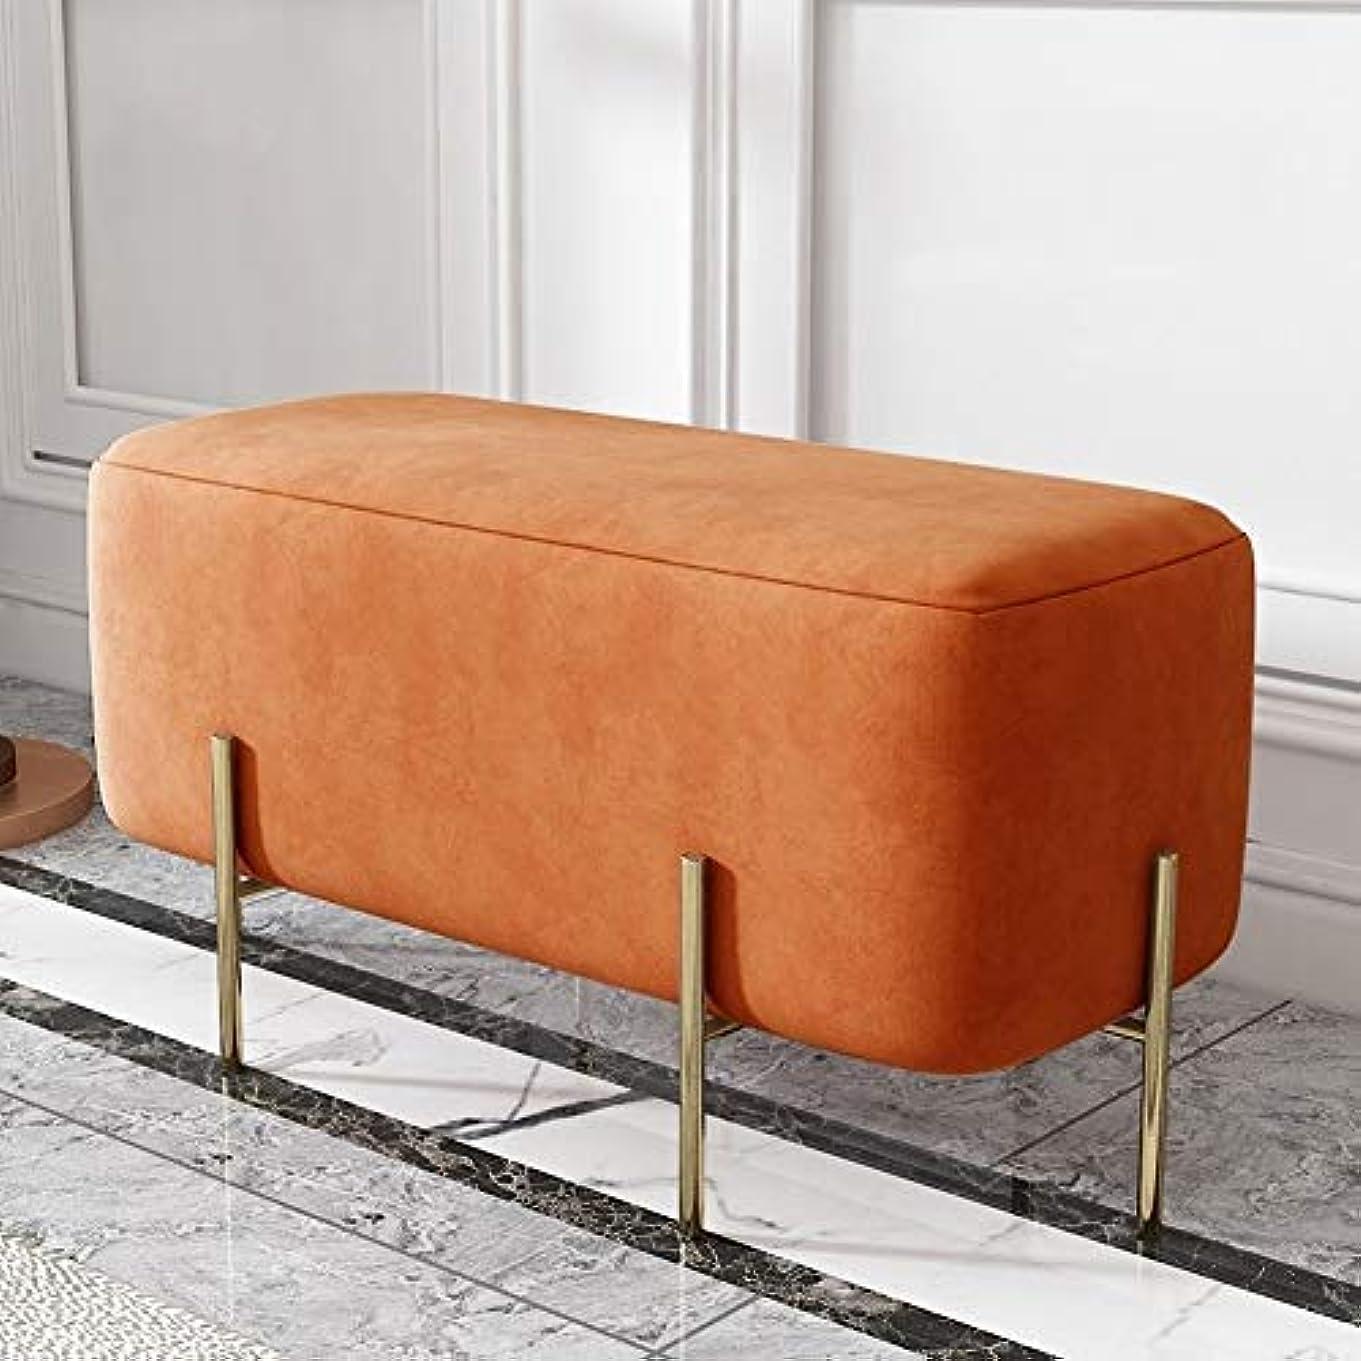 踏みつけ前提条件孤独な北欧ホームドア変更靴ベンチベッドエンドスツールスツールスツールライト高級クロークソファーベンチベンチベンチシューズベンチ - 90センチ (Color : Sauce Orange)